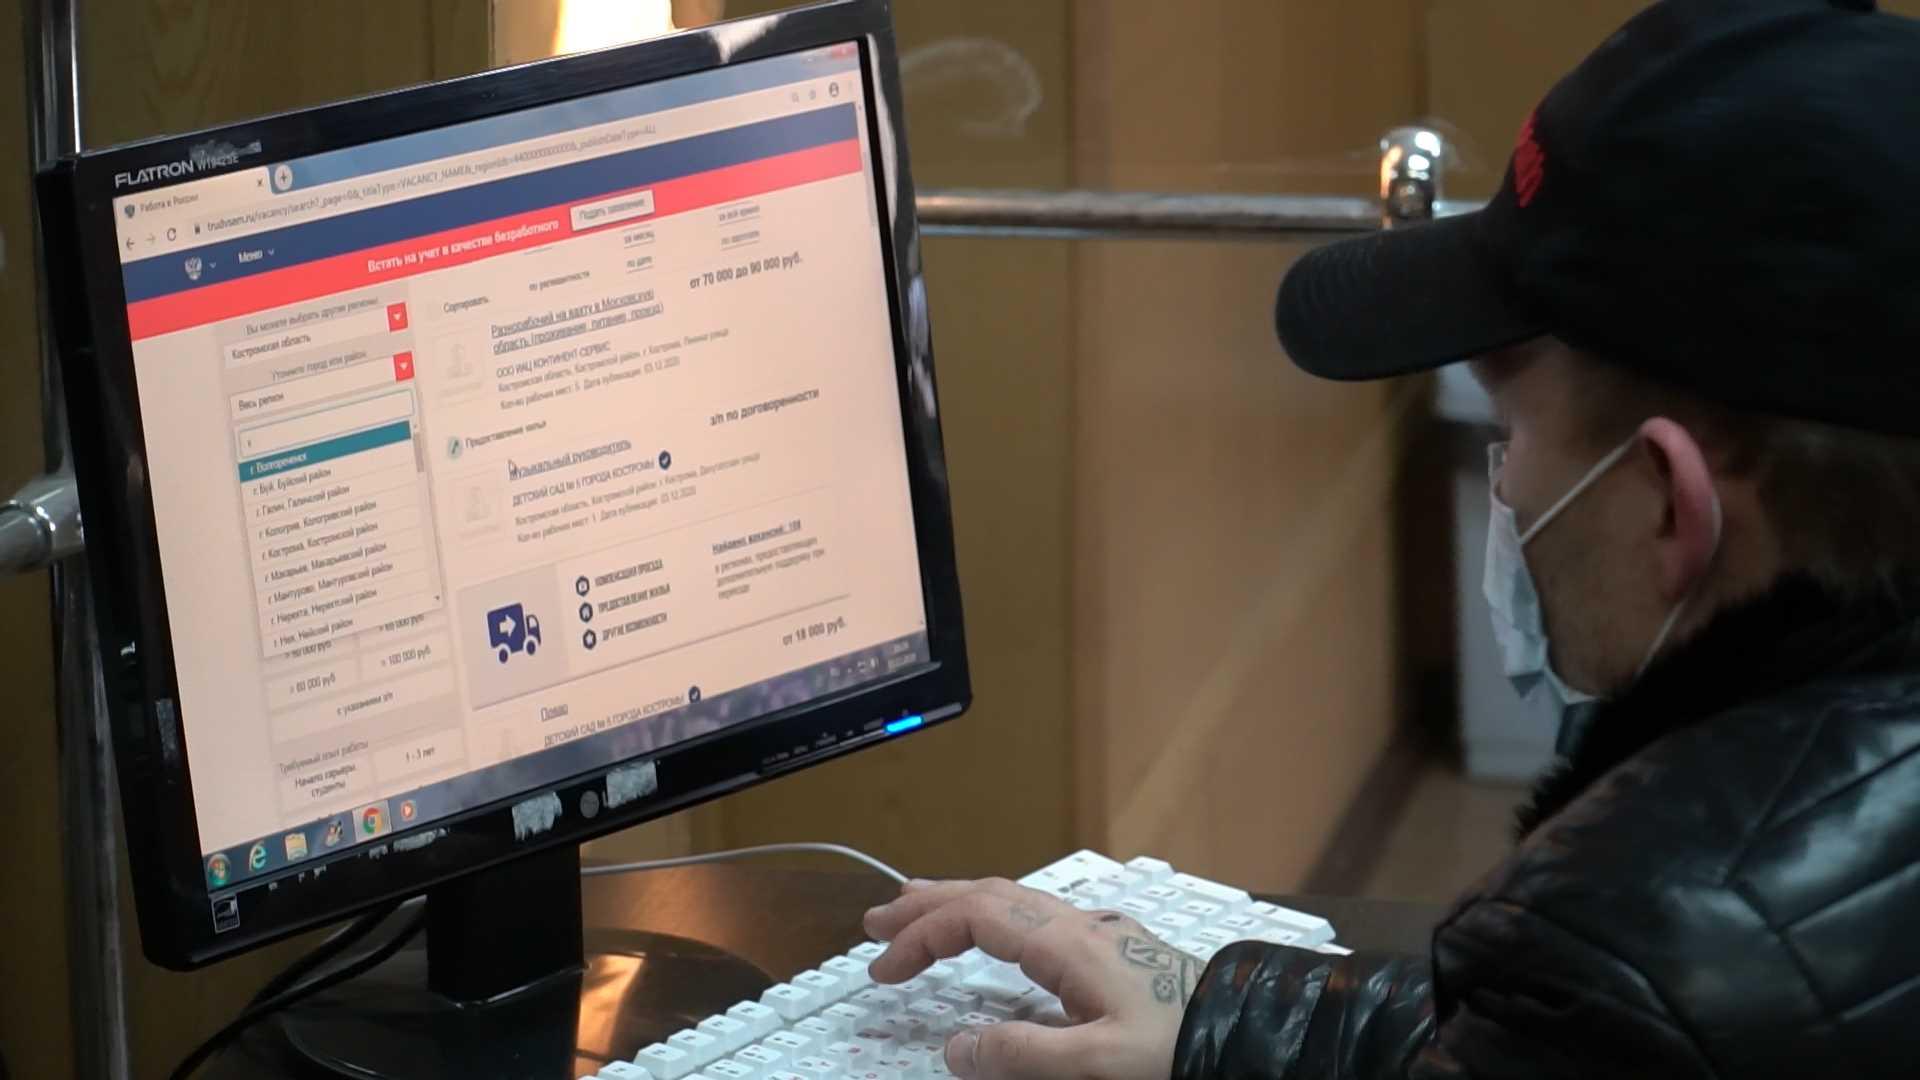 Новые формы трудоустройства освоила костромская служба занятости в условиях пандемии